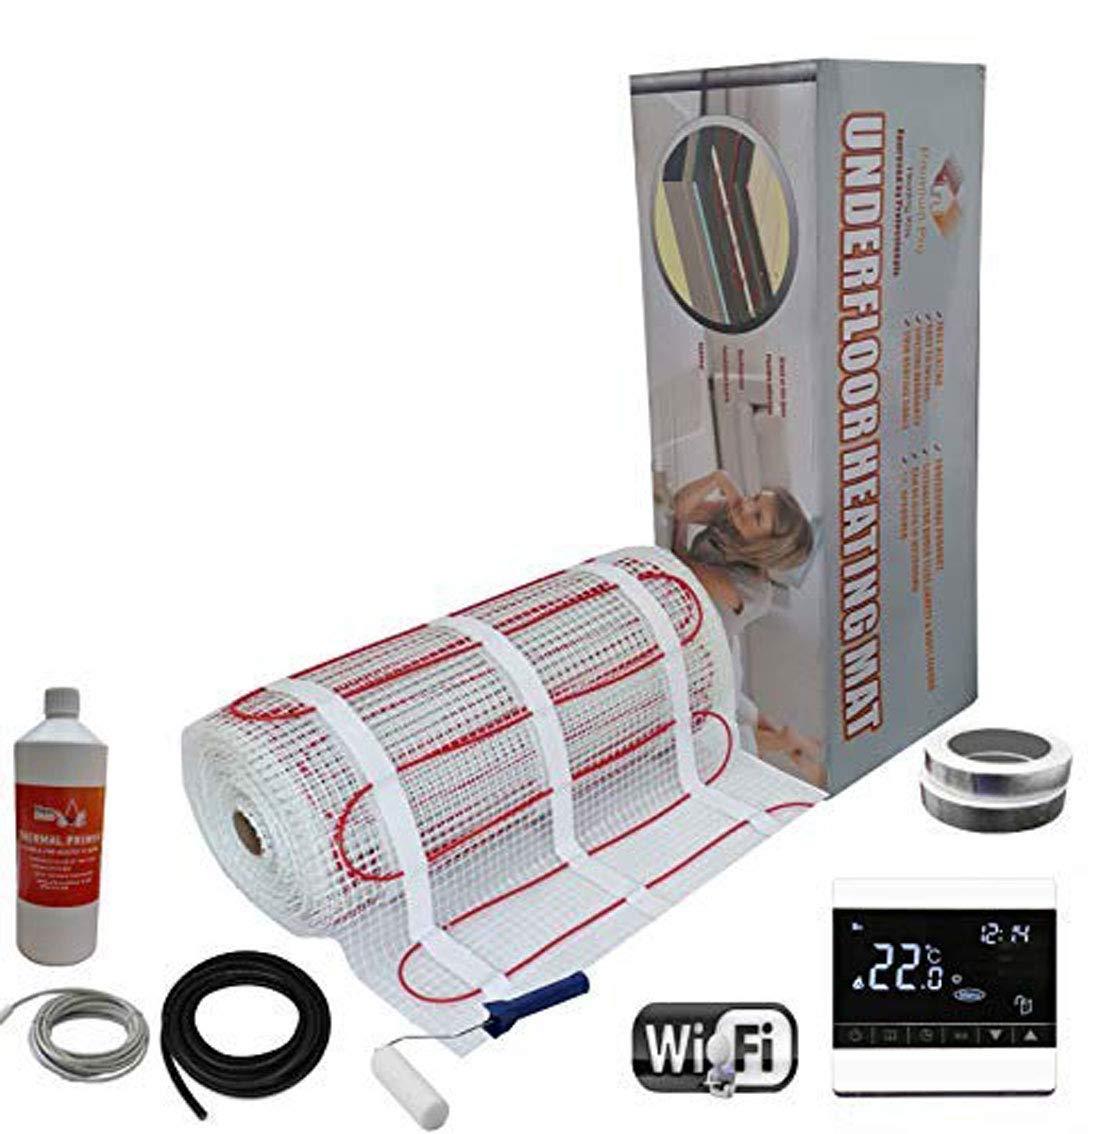 Kit /Élite de Tapis de Chauffage Au Sol /Électrique de 200 W Thermostat Noir WiFi 14.0m/² Nassboards Premium Pro